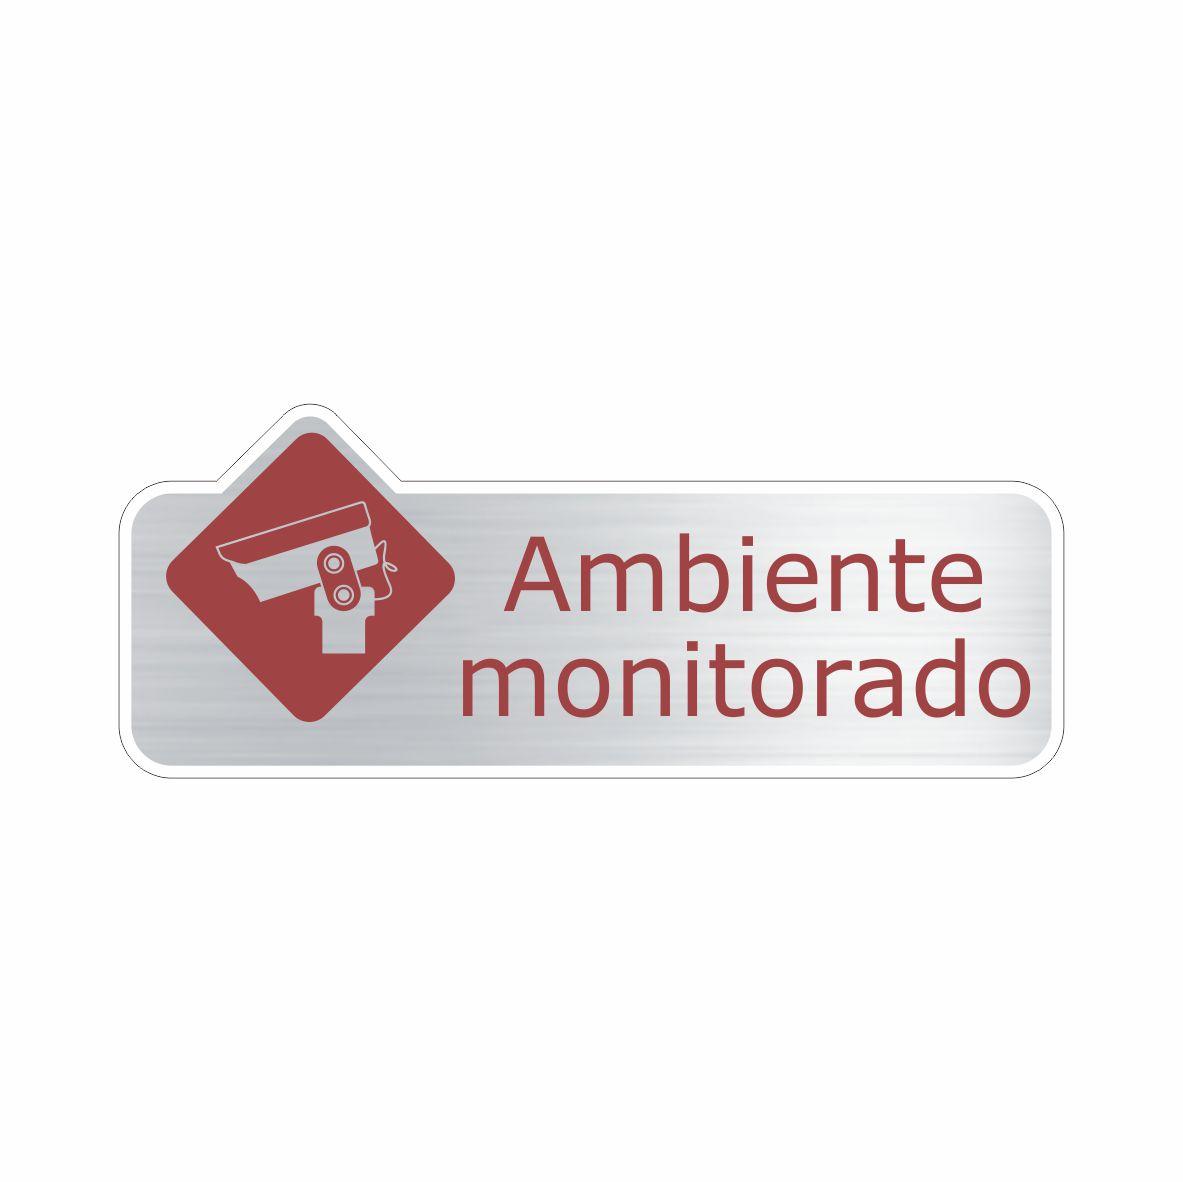 Ambiente monitorado  - Towbar Sinalização de Segurança